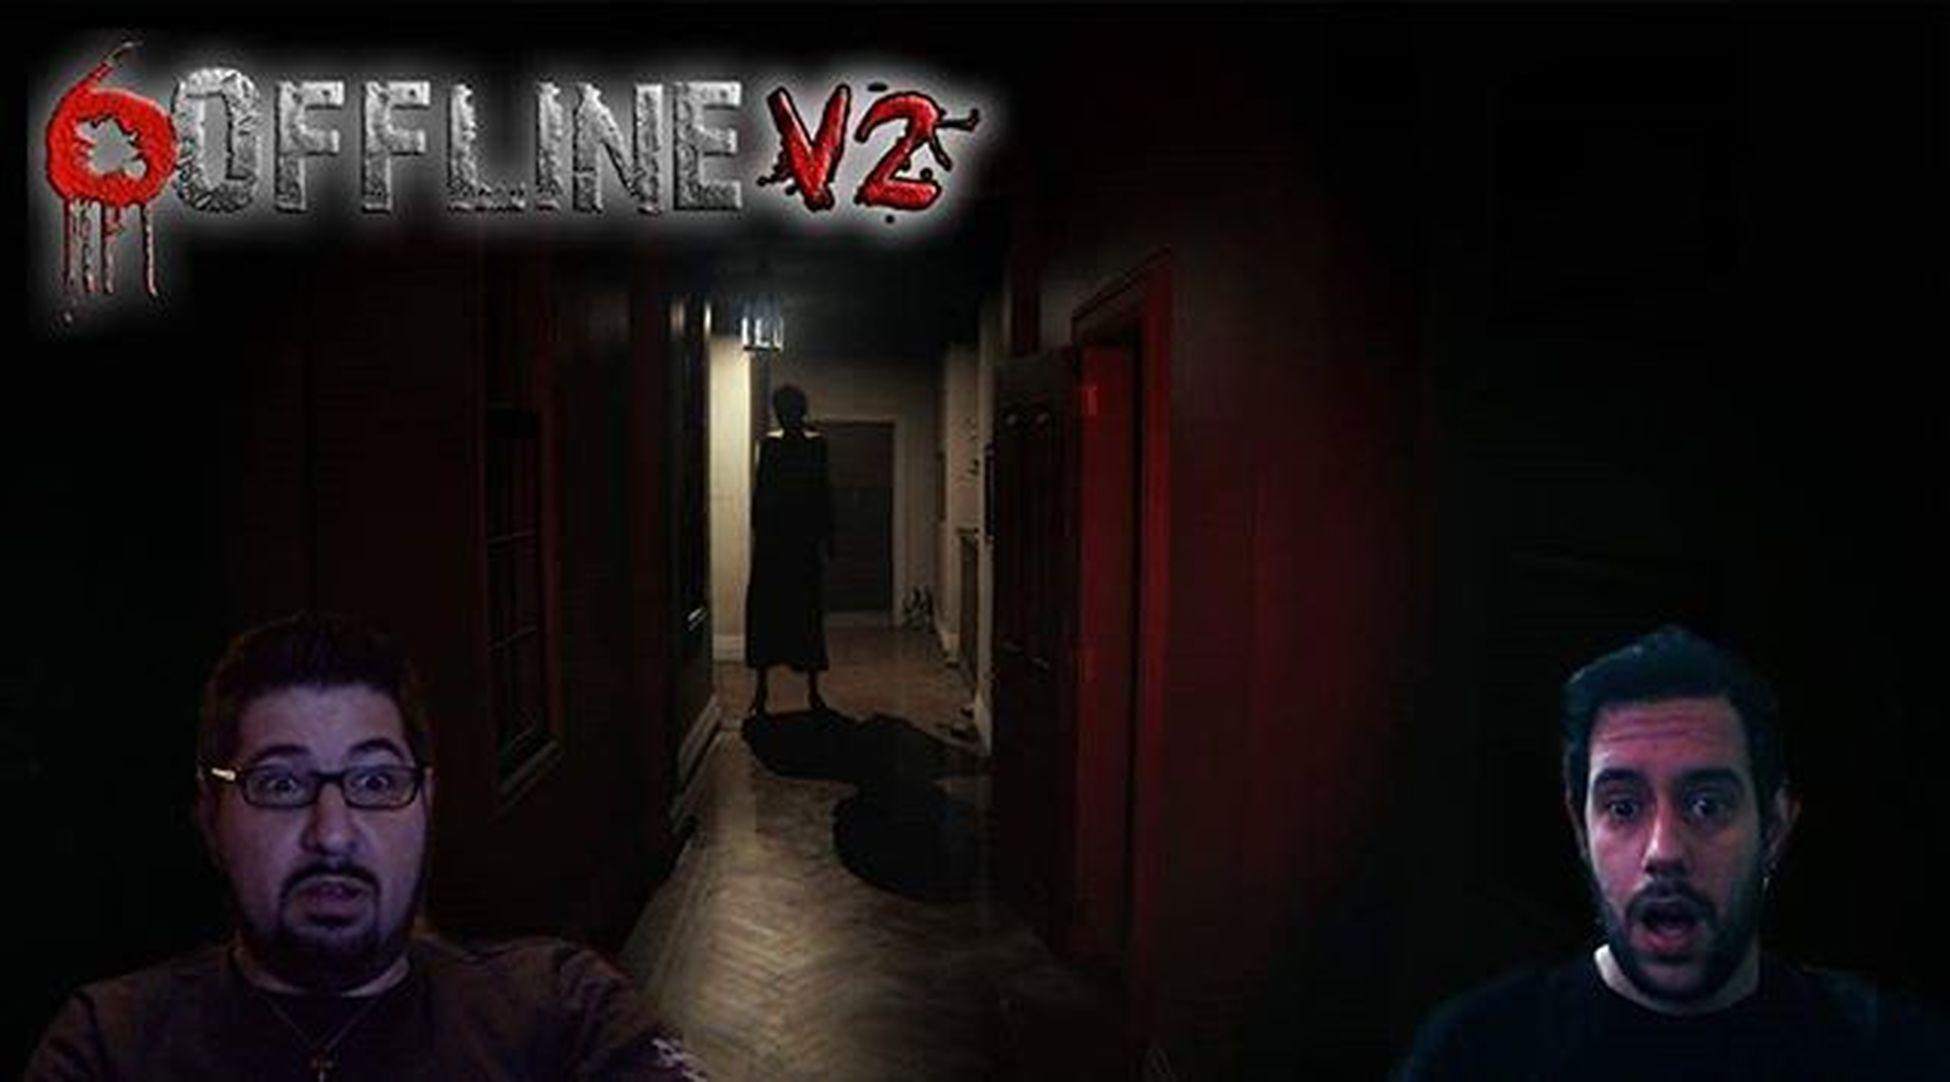 Horror_night 18 V2 Silent_hill_pt 😂